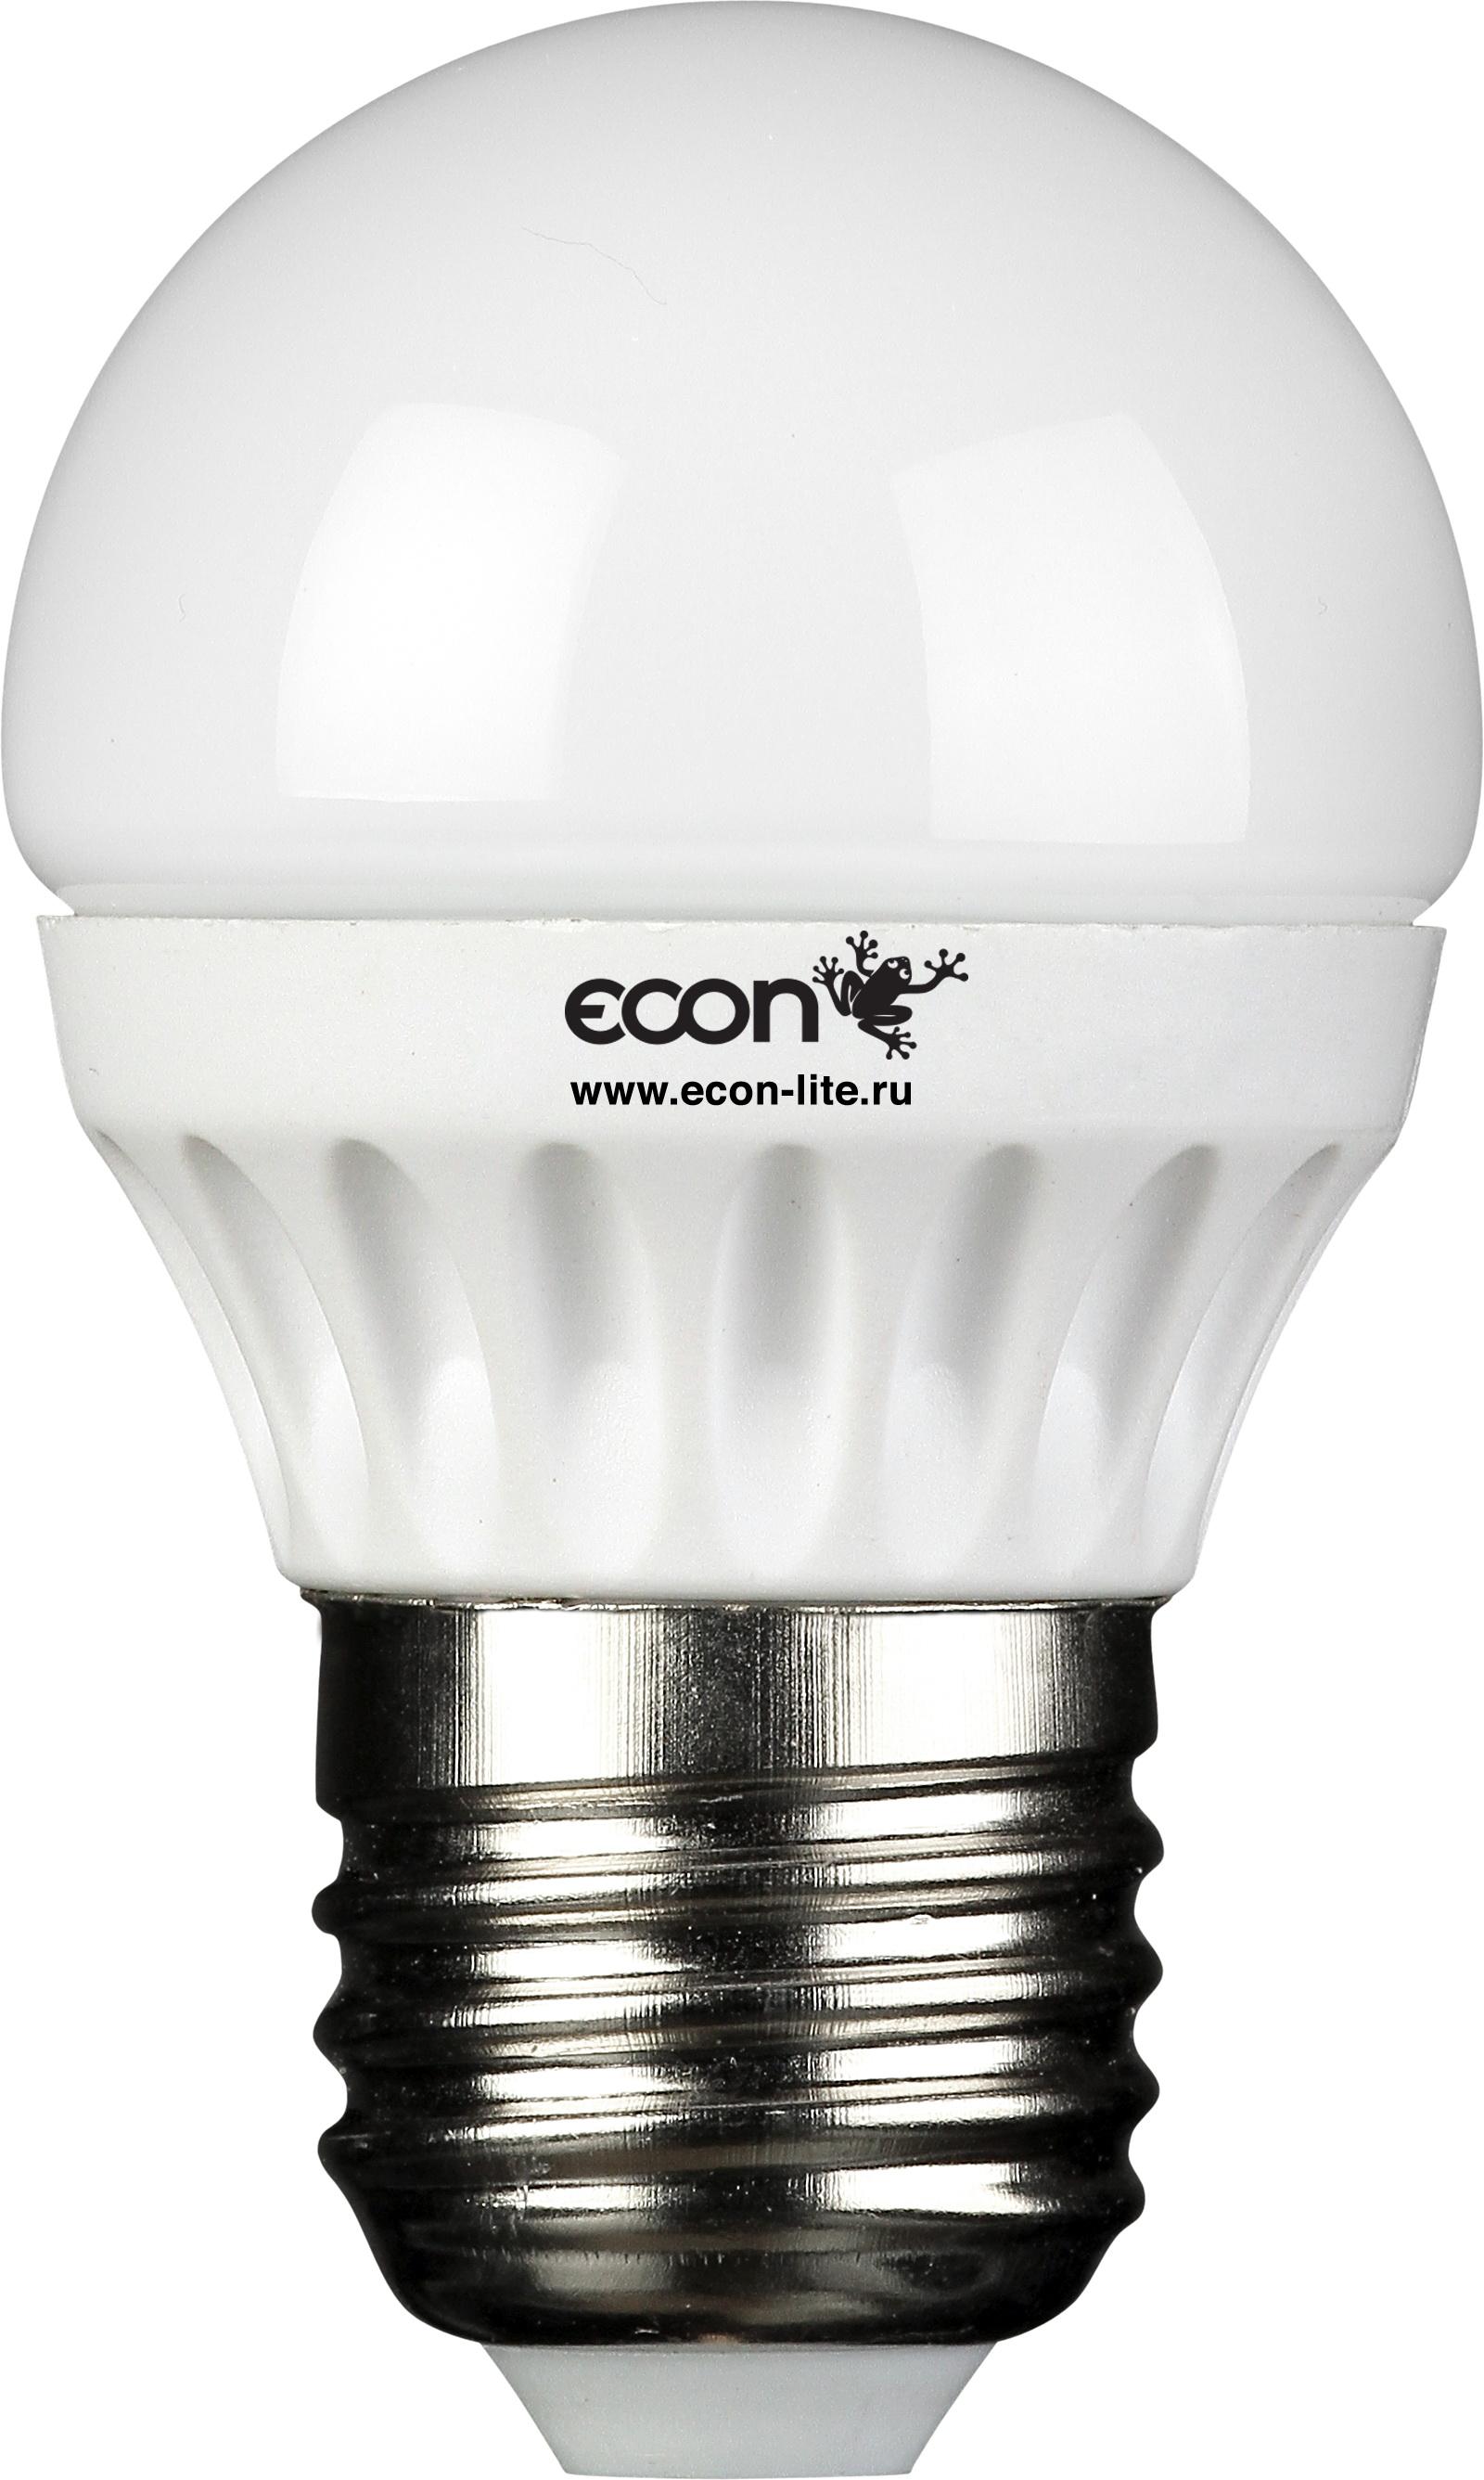 Купить Лампа светодиодная Econ Led p 5Вт e27 4200k p45